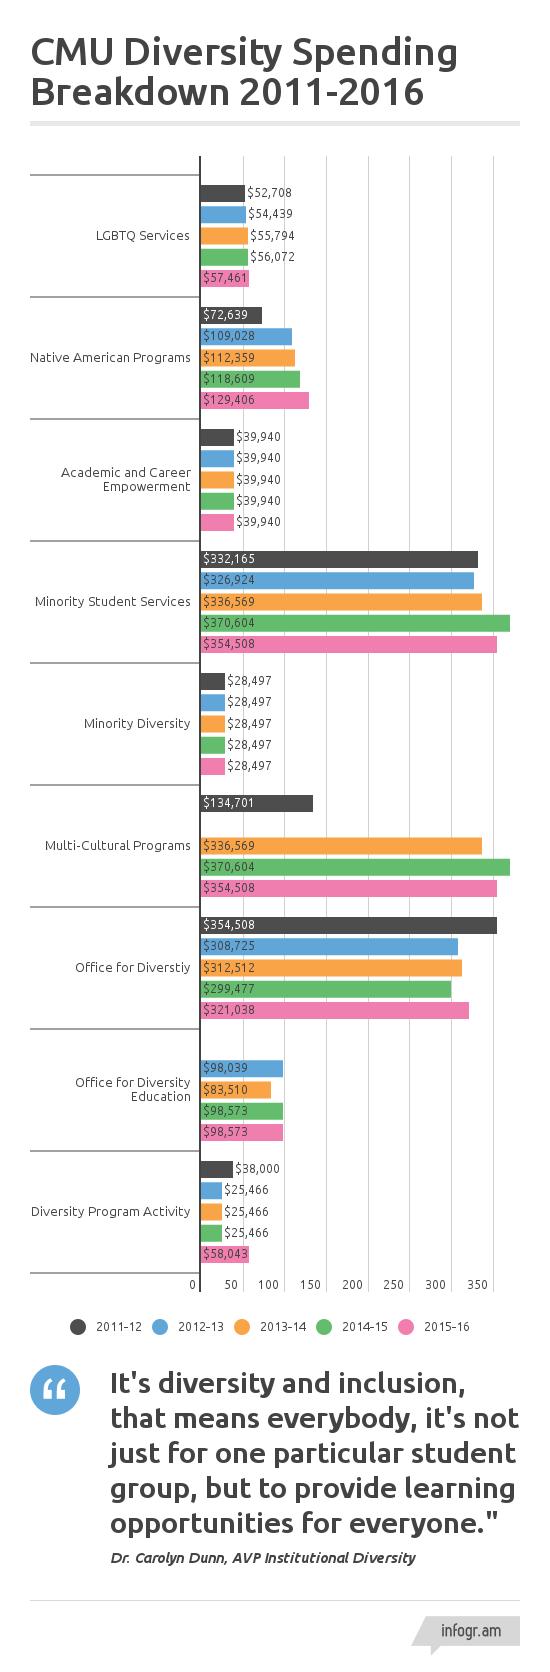 CMU_Diversity_Spending_Breakdown_by_office